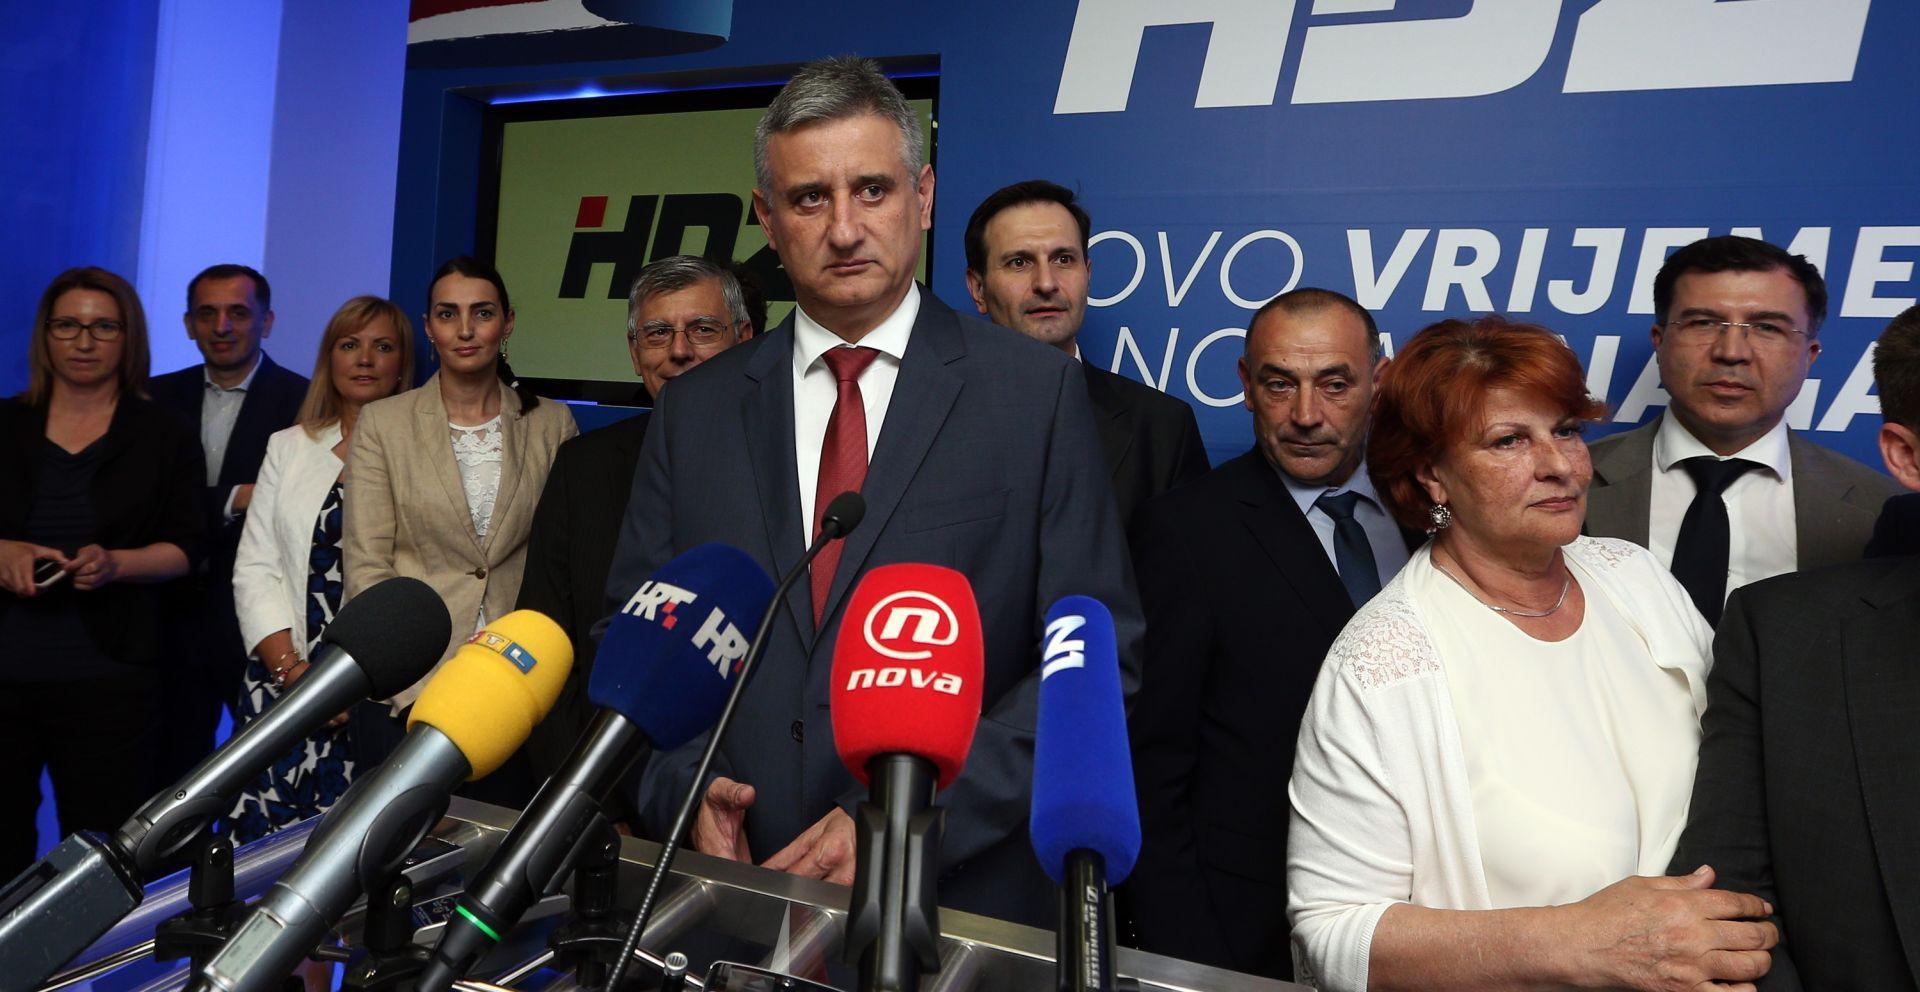 'DONIJET ĆE SE NEKE ODLUKE' U 11 sati počinje sjednica Predsjedništva HDZ-a